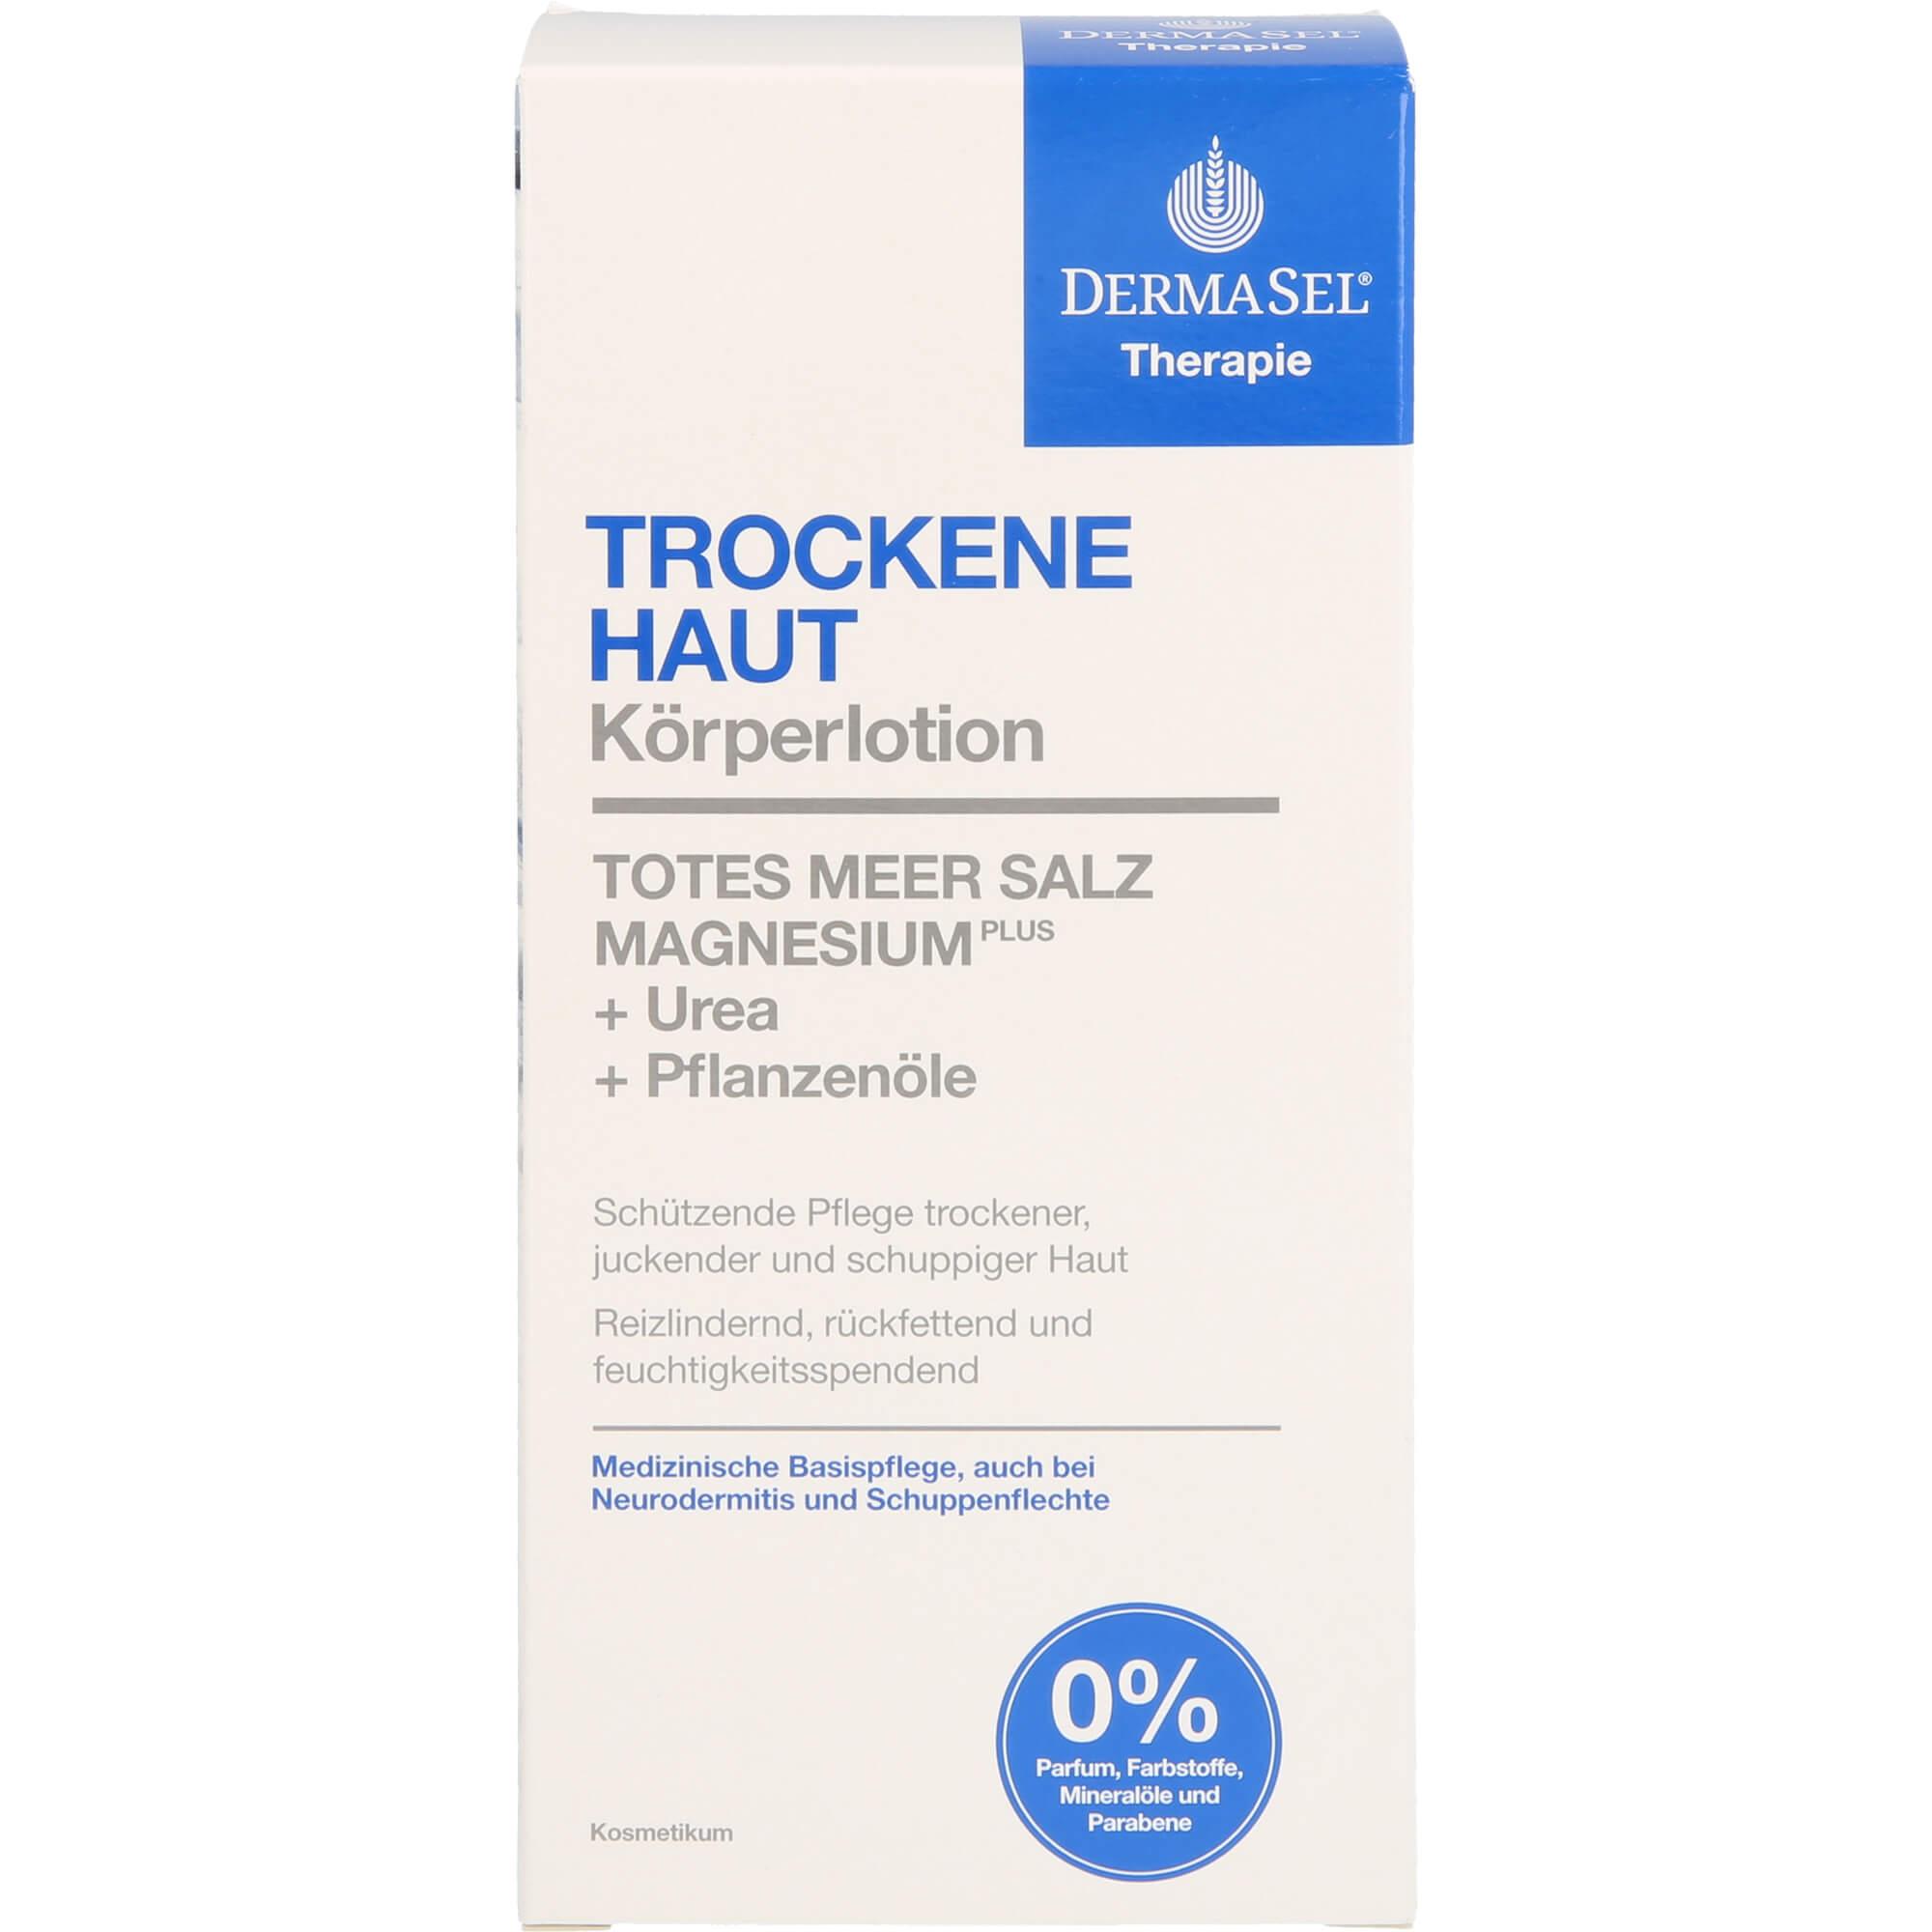 DERMASEL-Koerperlotion-trockene-Haut